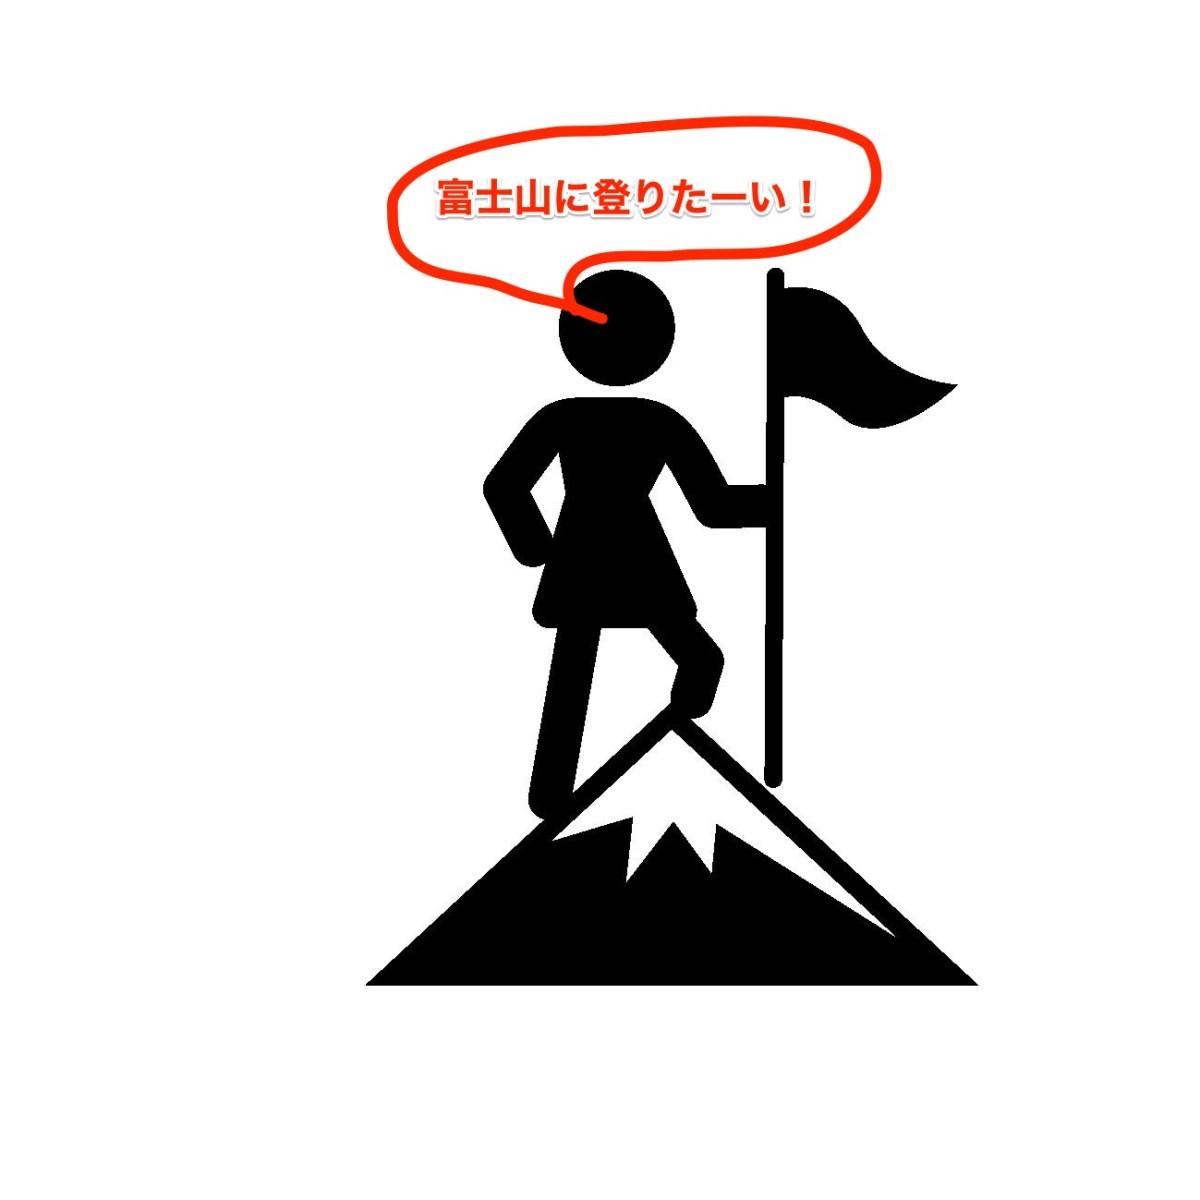 散歩のついでに本屋さんには行くけれど、富士山には登れない!登りたい?どうやって登る?